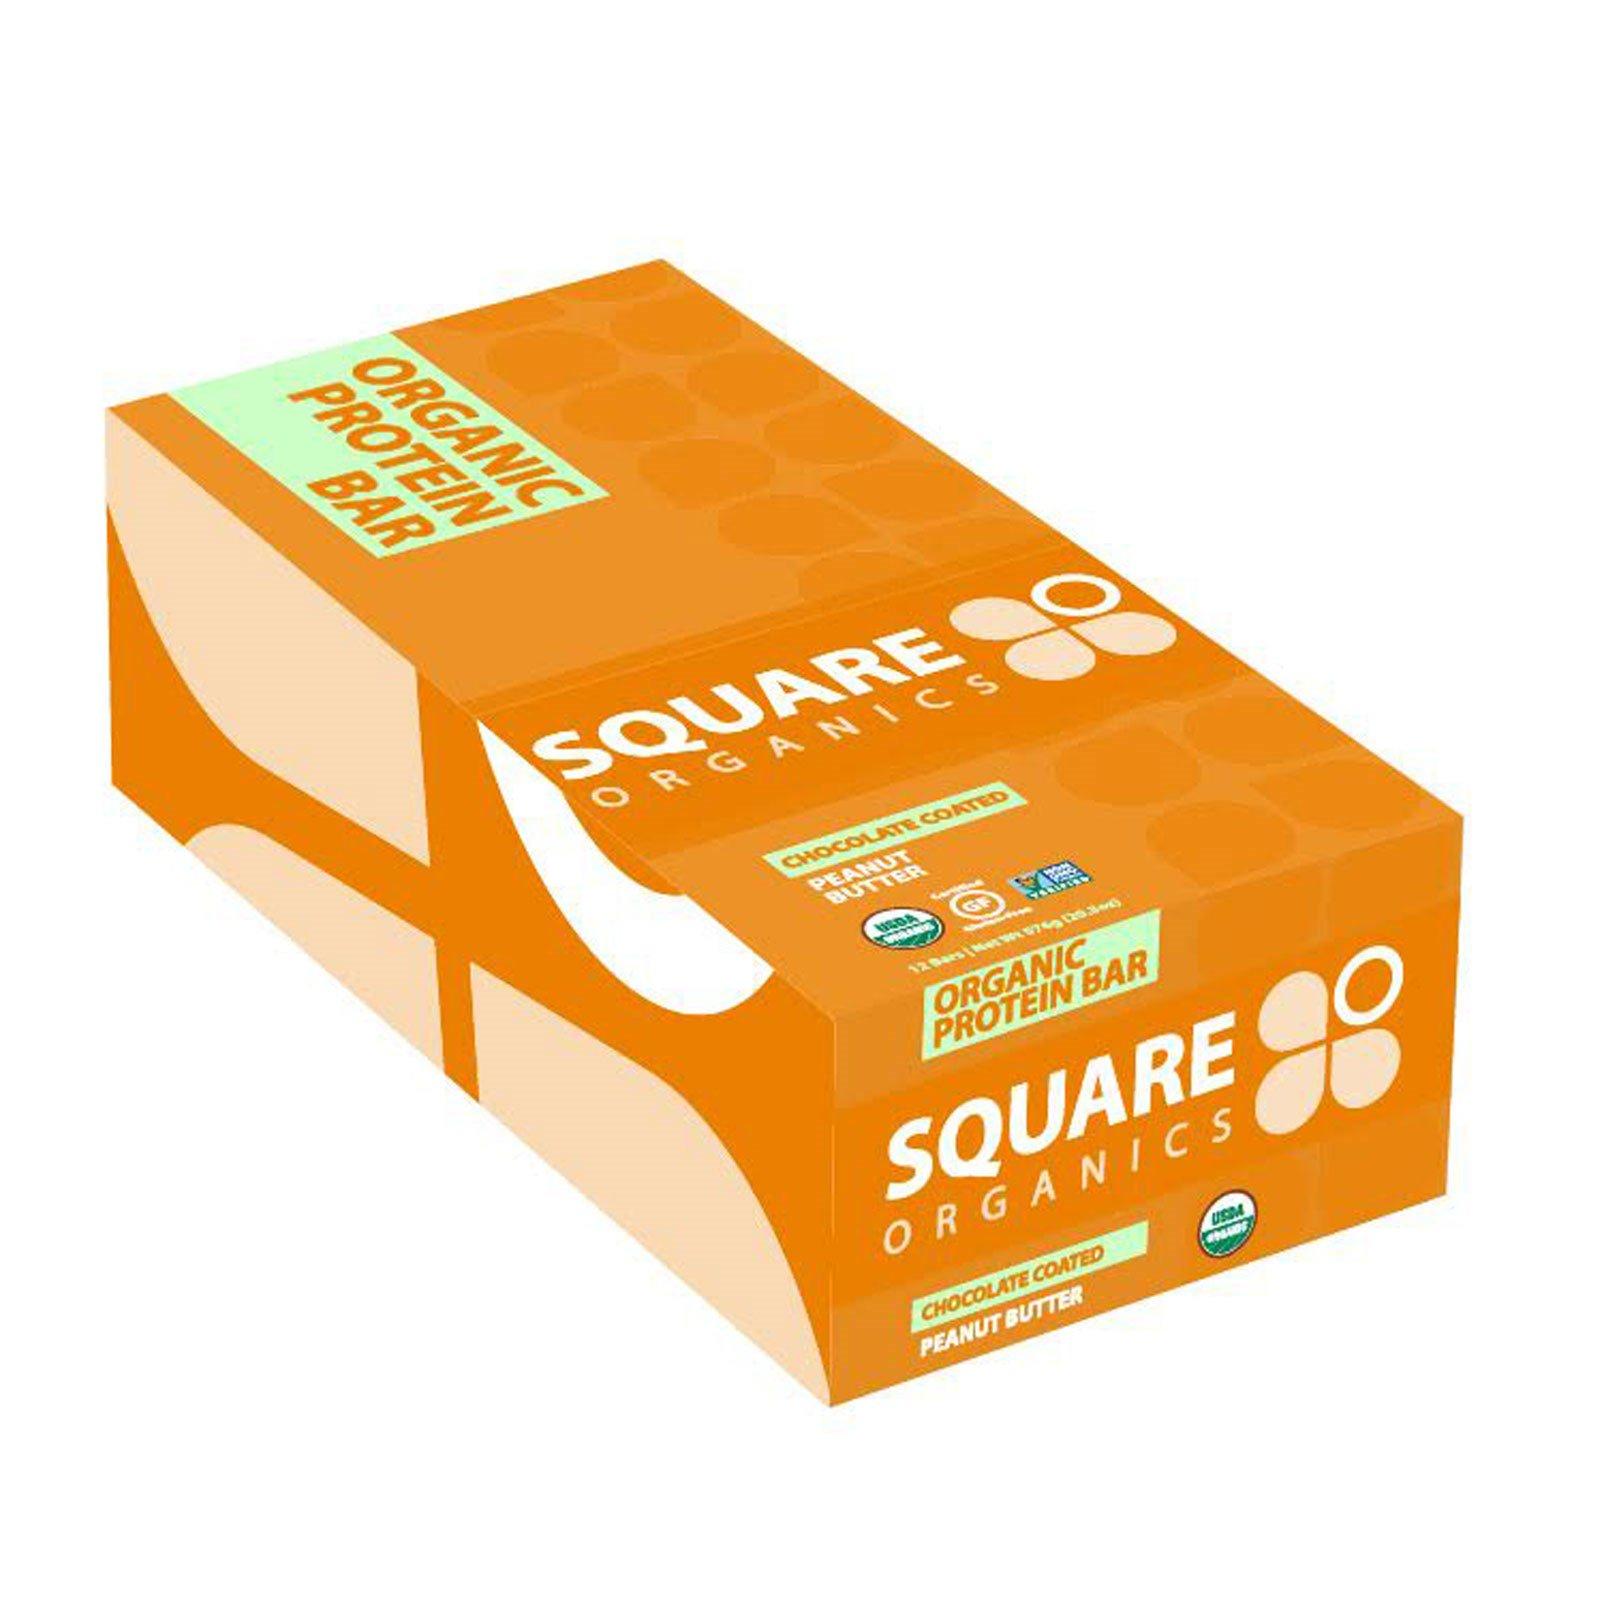 Square Organics, Органический протеиновый батончик, арахисовое масло вшоколаде, 12 батончиков, 1,7 унции (48 г) каждый